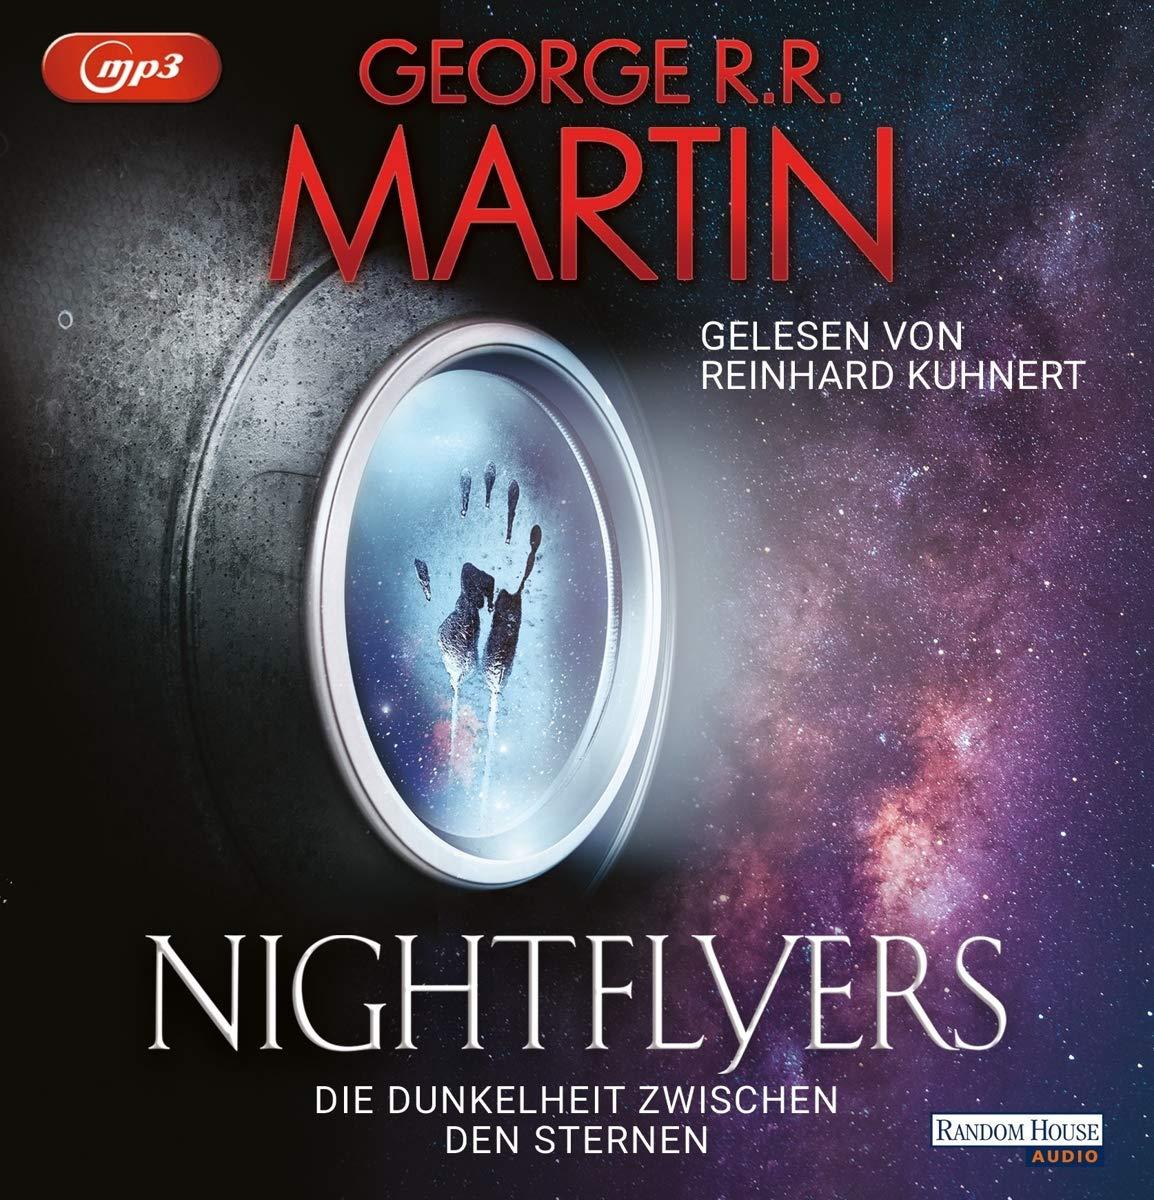 Nightflyers: Die Dunkelheit zwischen den Sternen Hörkassette – Audiobook, MP3 Audio, Ungekürzte Ausgabe George R.R. Martin Reinhard Kuhnert Maike Würz Random House Audio